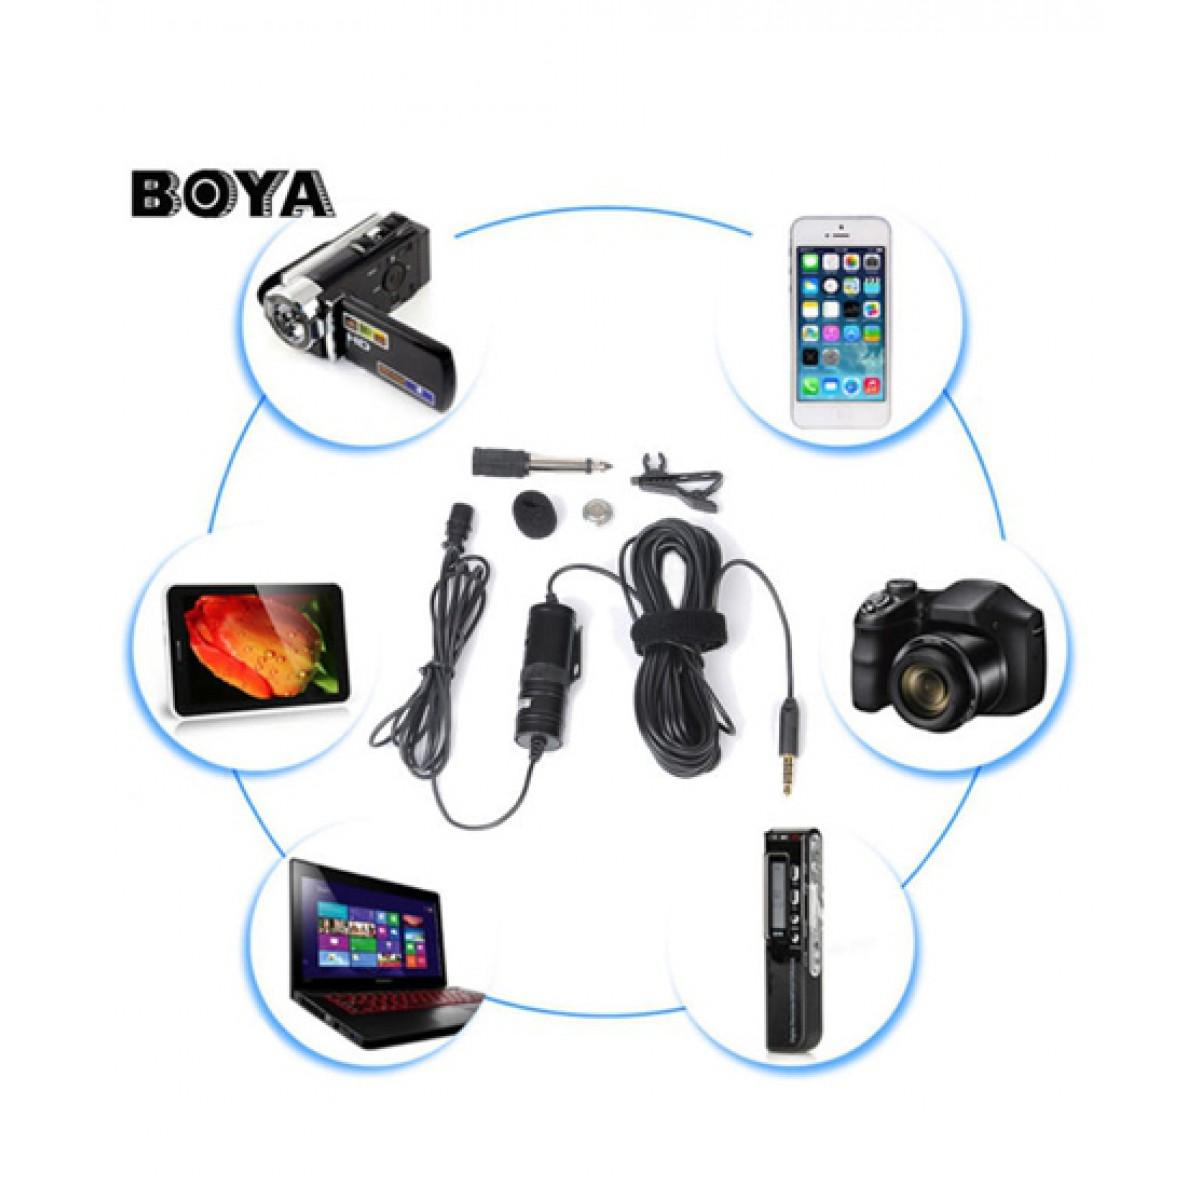 BOYA-MIC-M1-LAVALIER-COLLAR-MICROPHONE